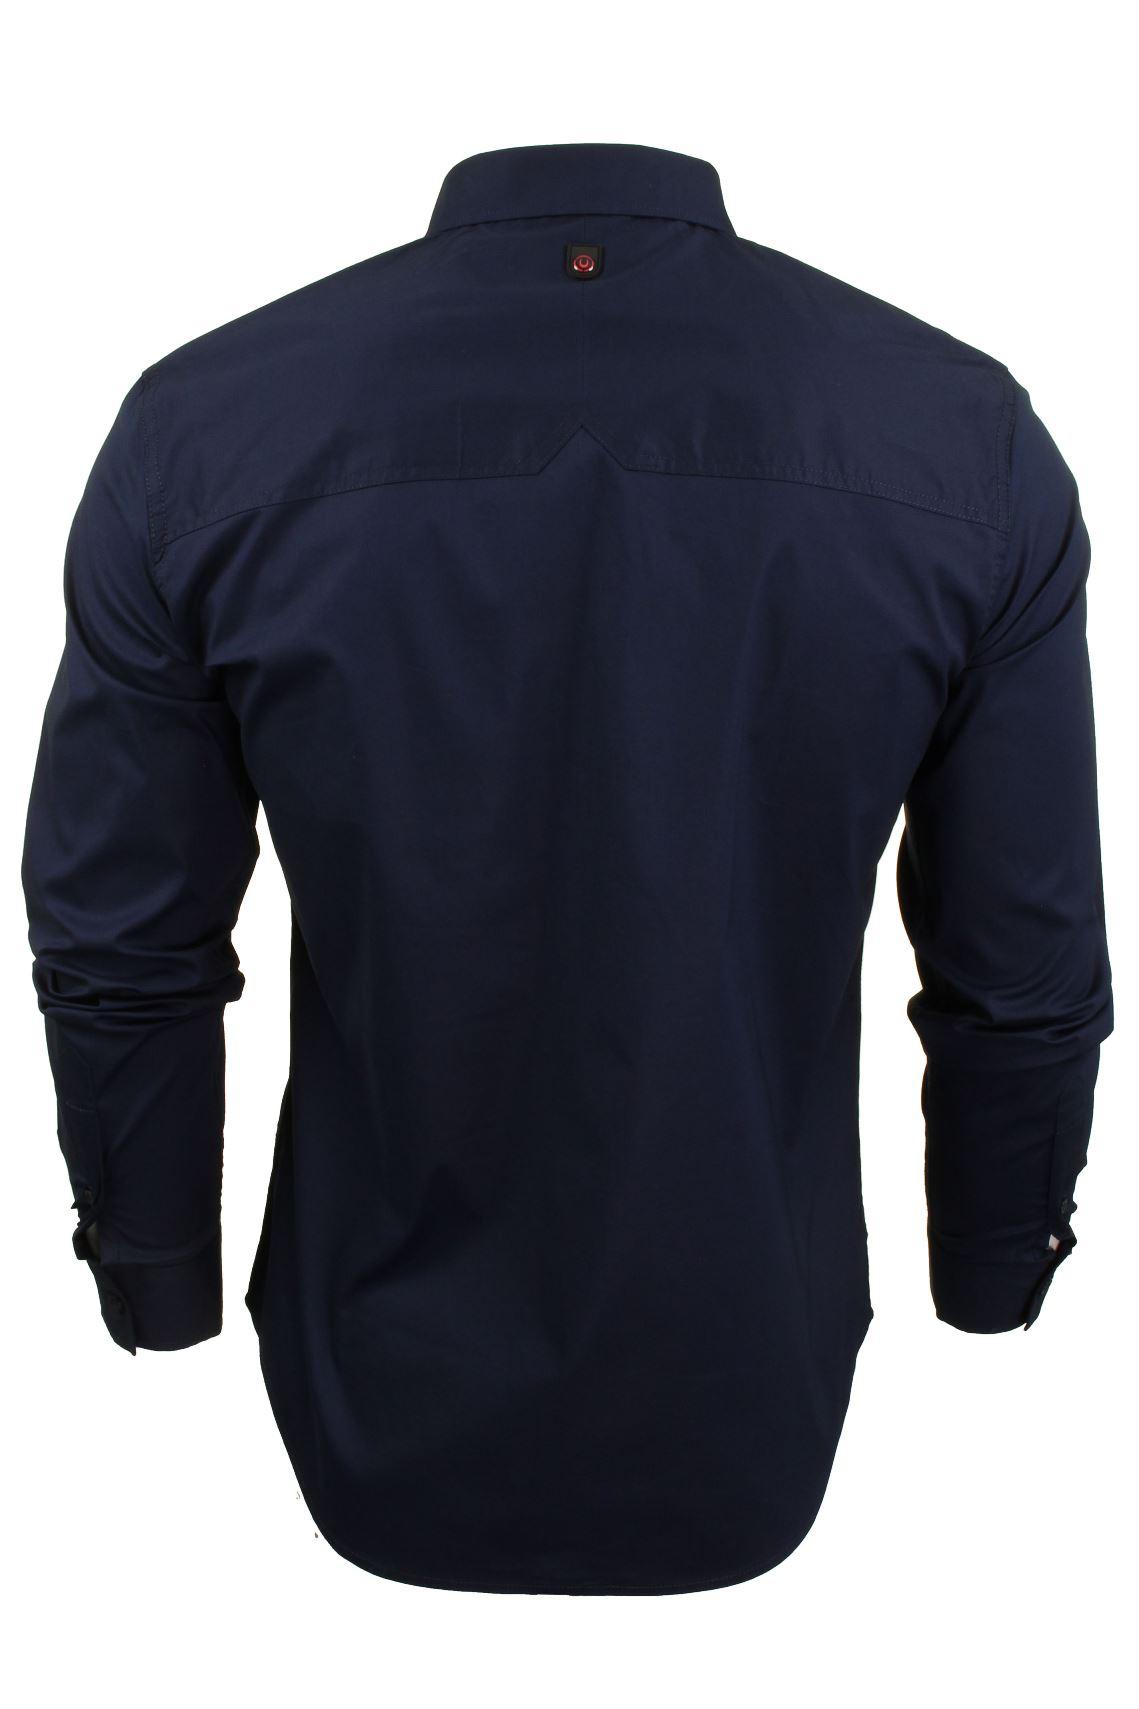 Para-Hombres-Camisa-Manga-Larga-Popelin-del-estiramiento-por-Pato-Y-Cubierta-039-raginald-039 miniatura 8